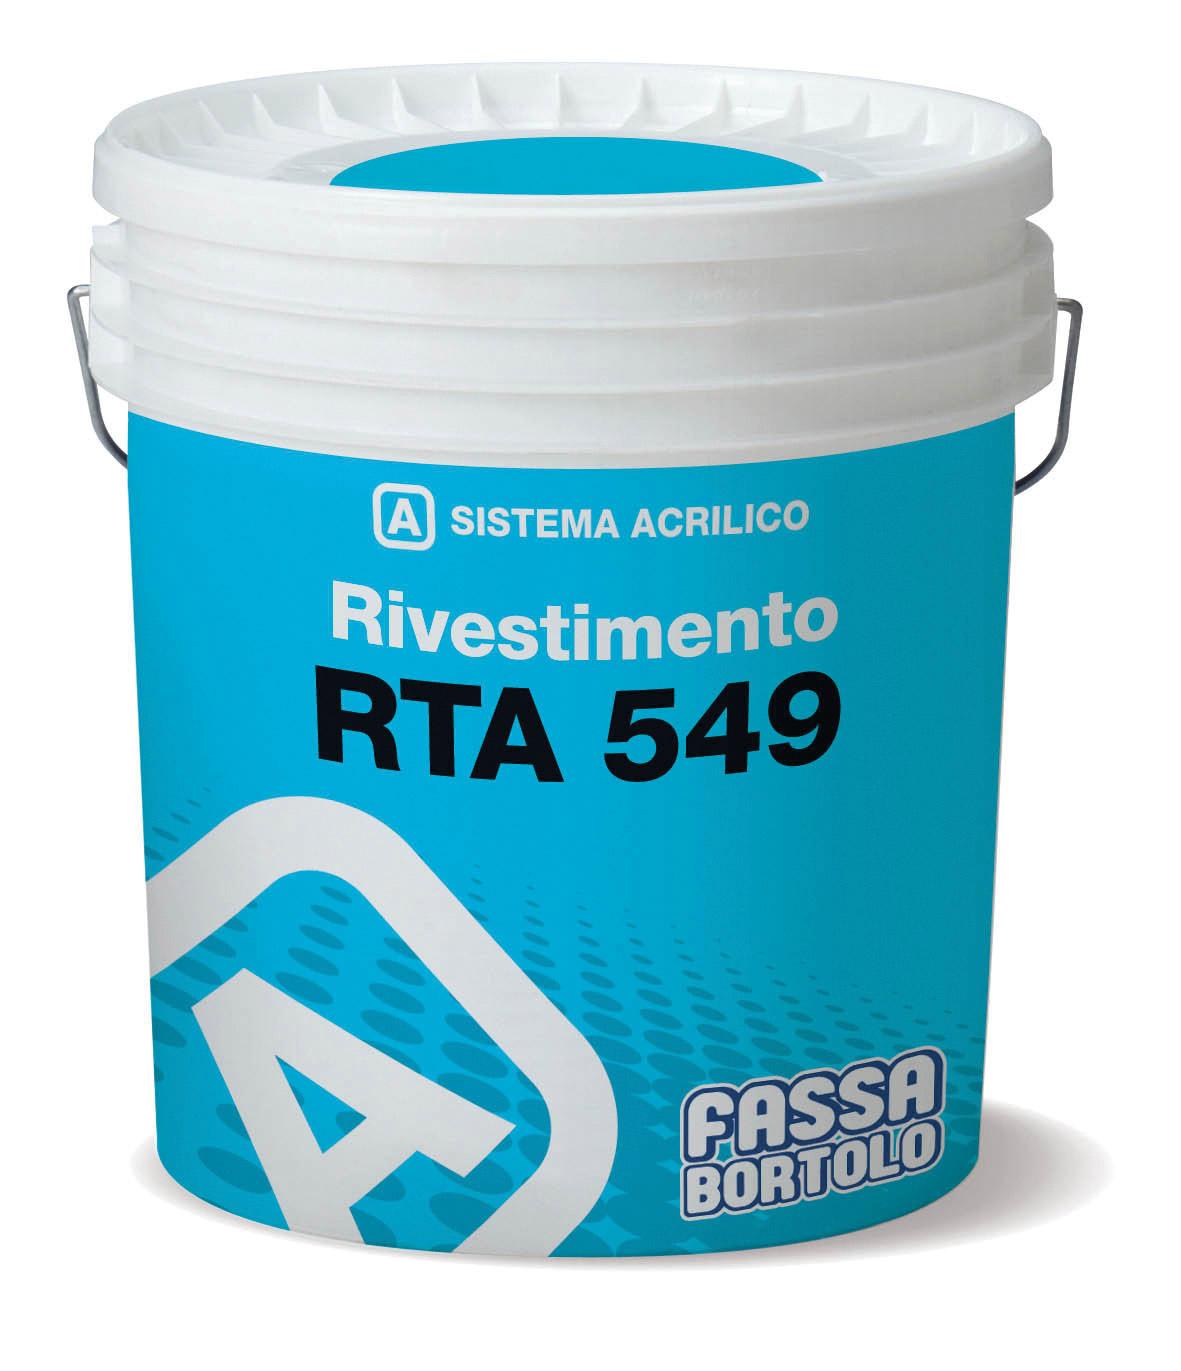 RTA 549: Revestimento acrílico adequado para superfícies isoladas termicamente.